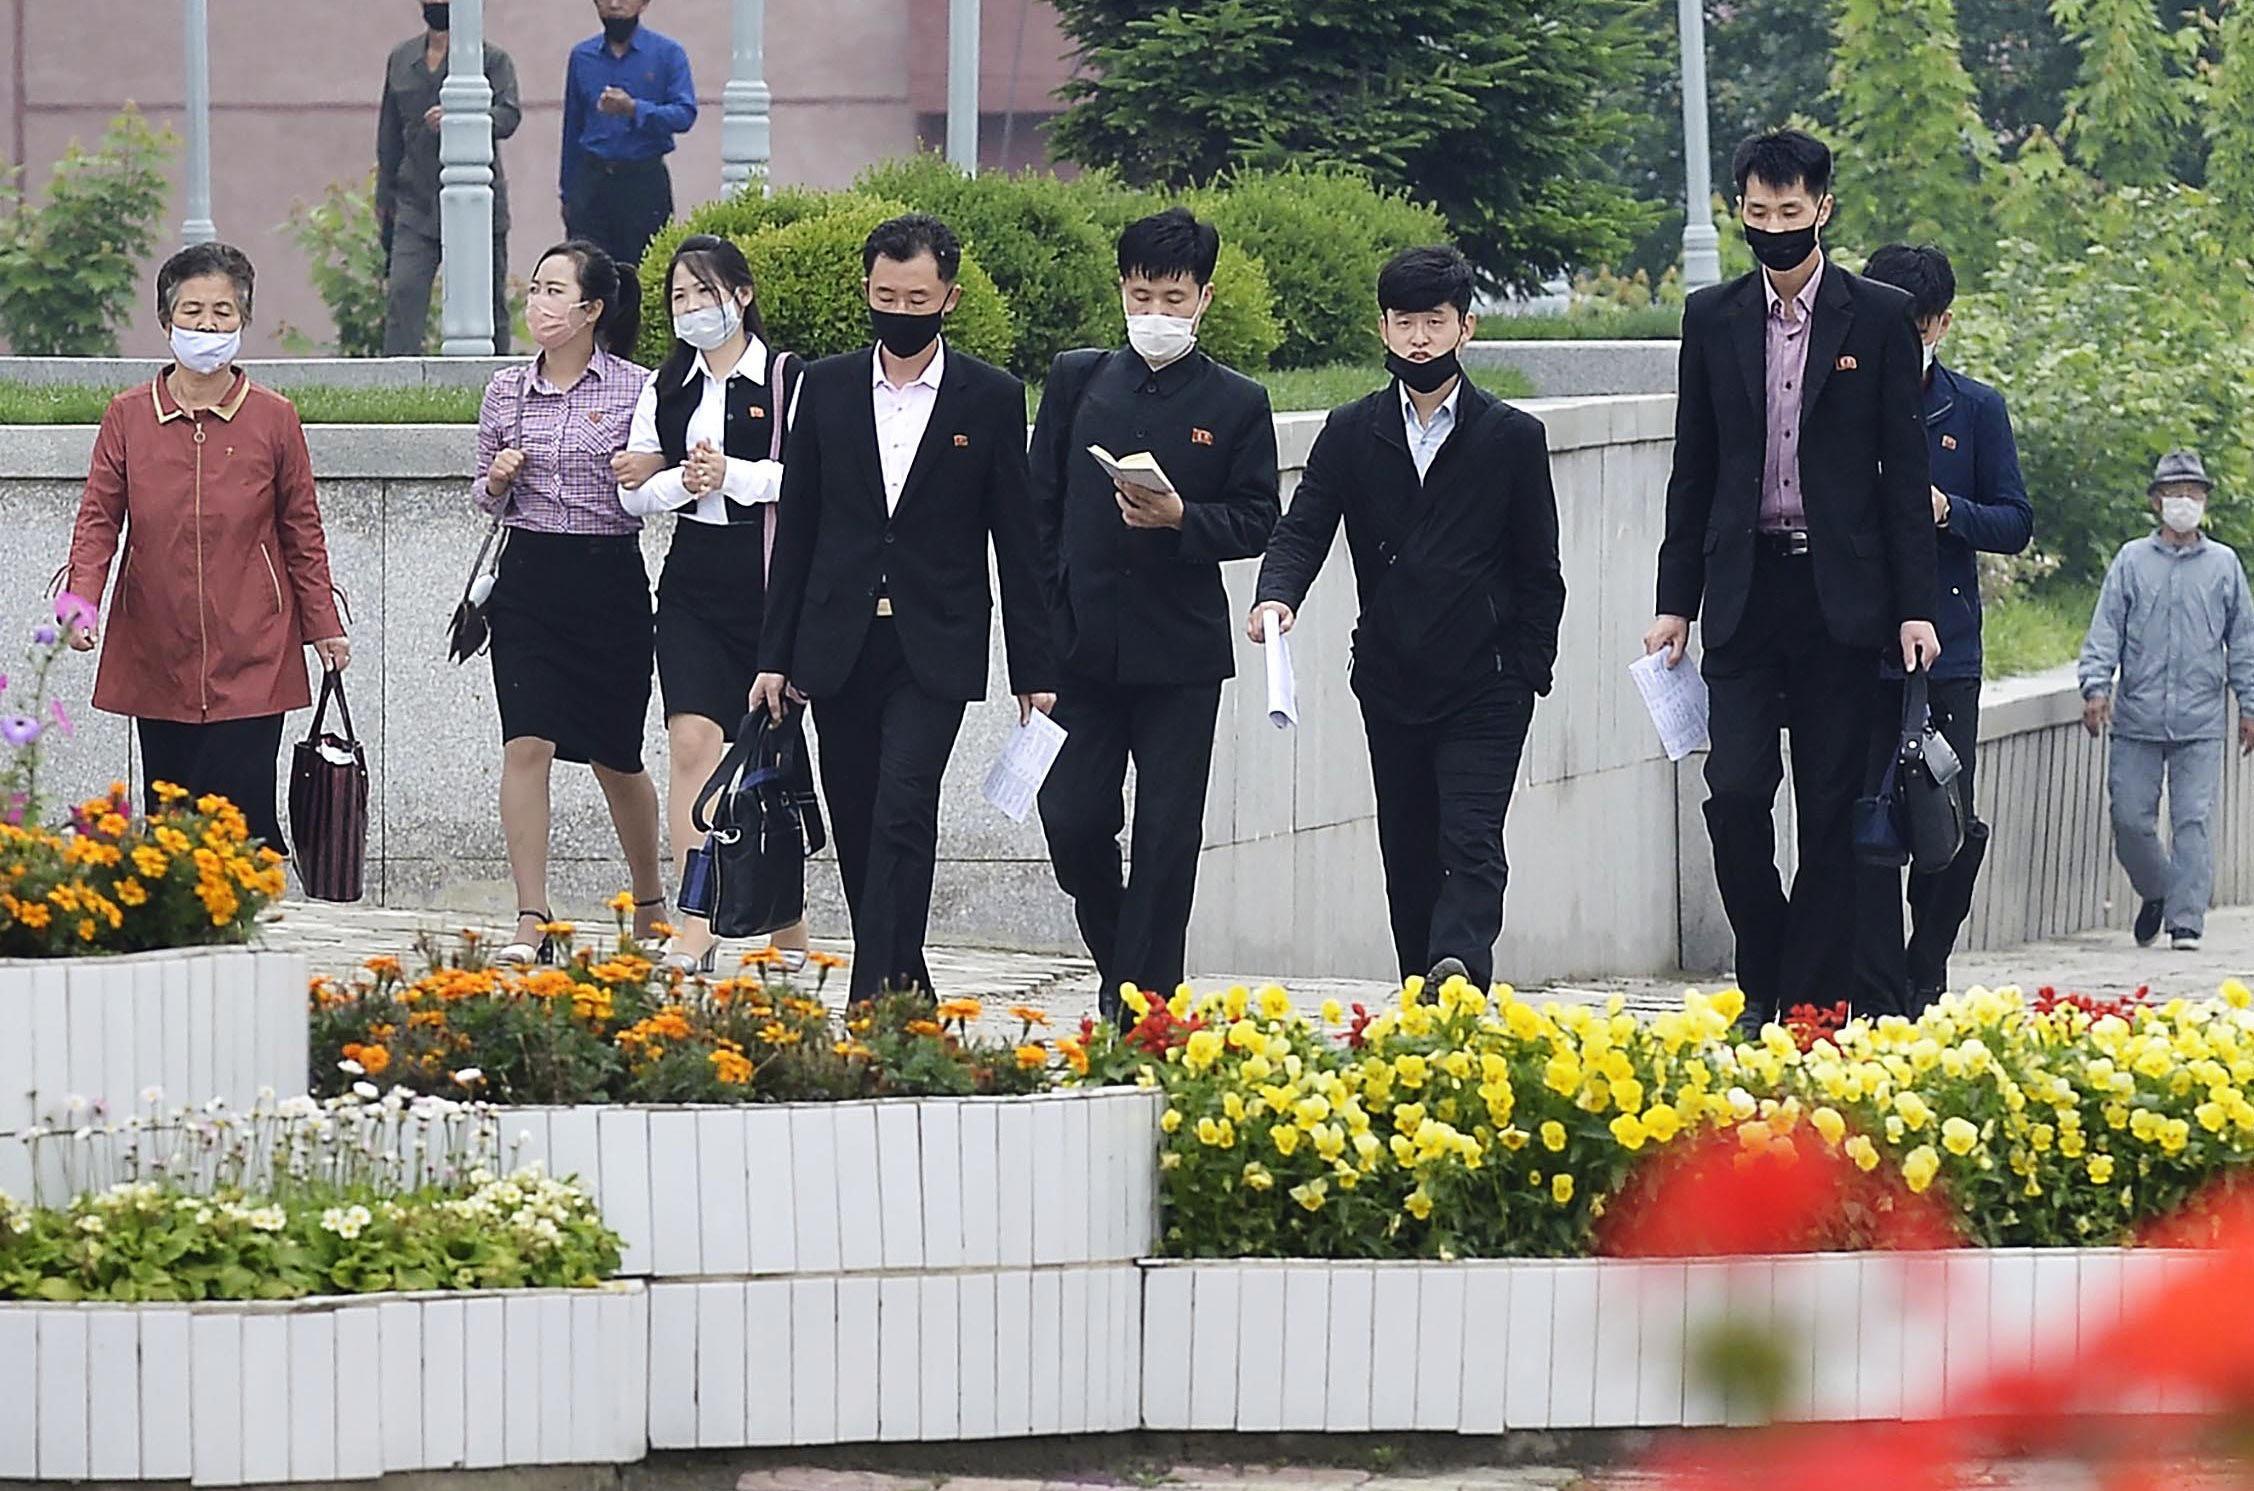 マスク姿で平壌市内を歩く人たち=27日(共同)